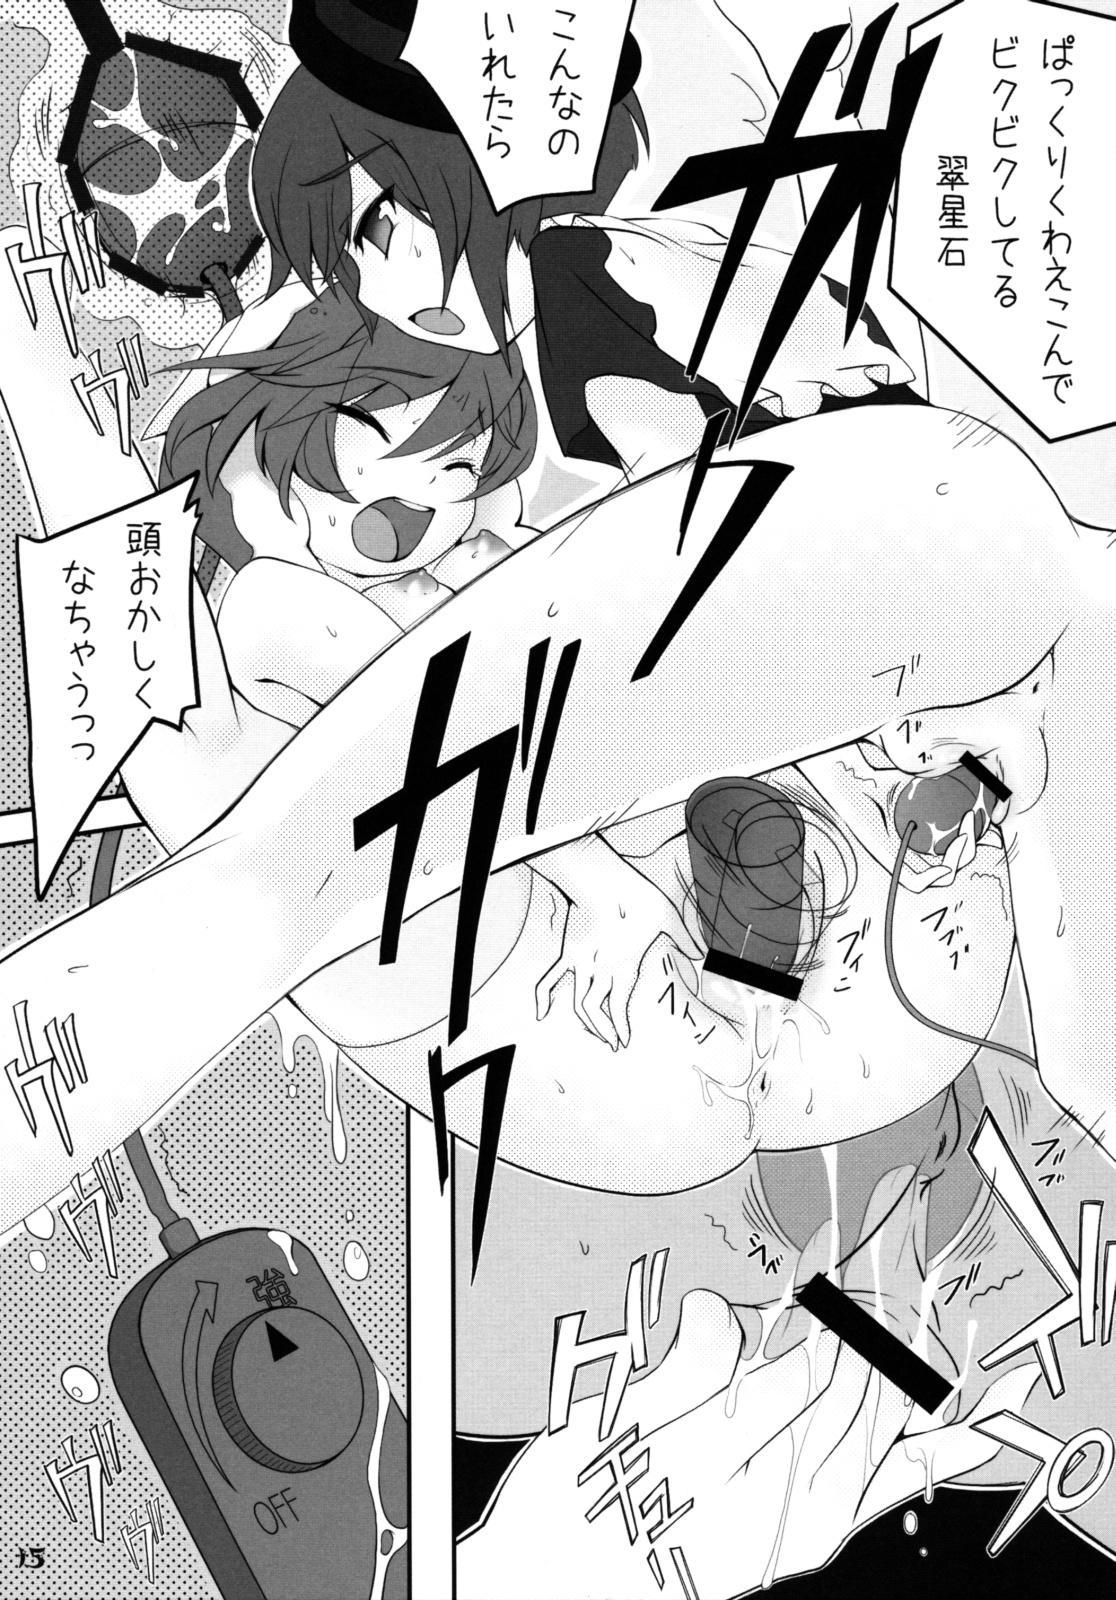 Shimai de NyanNyan 13